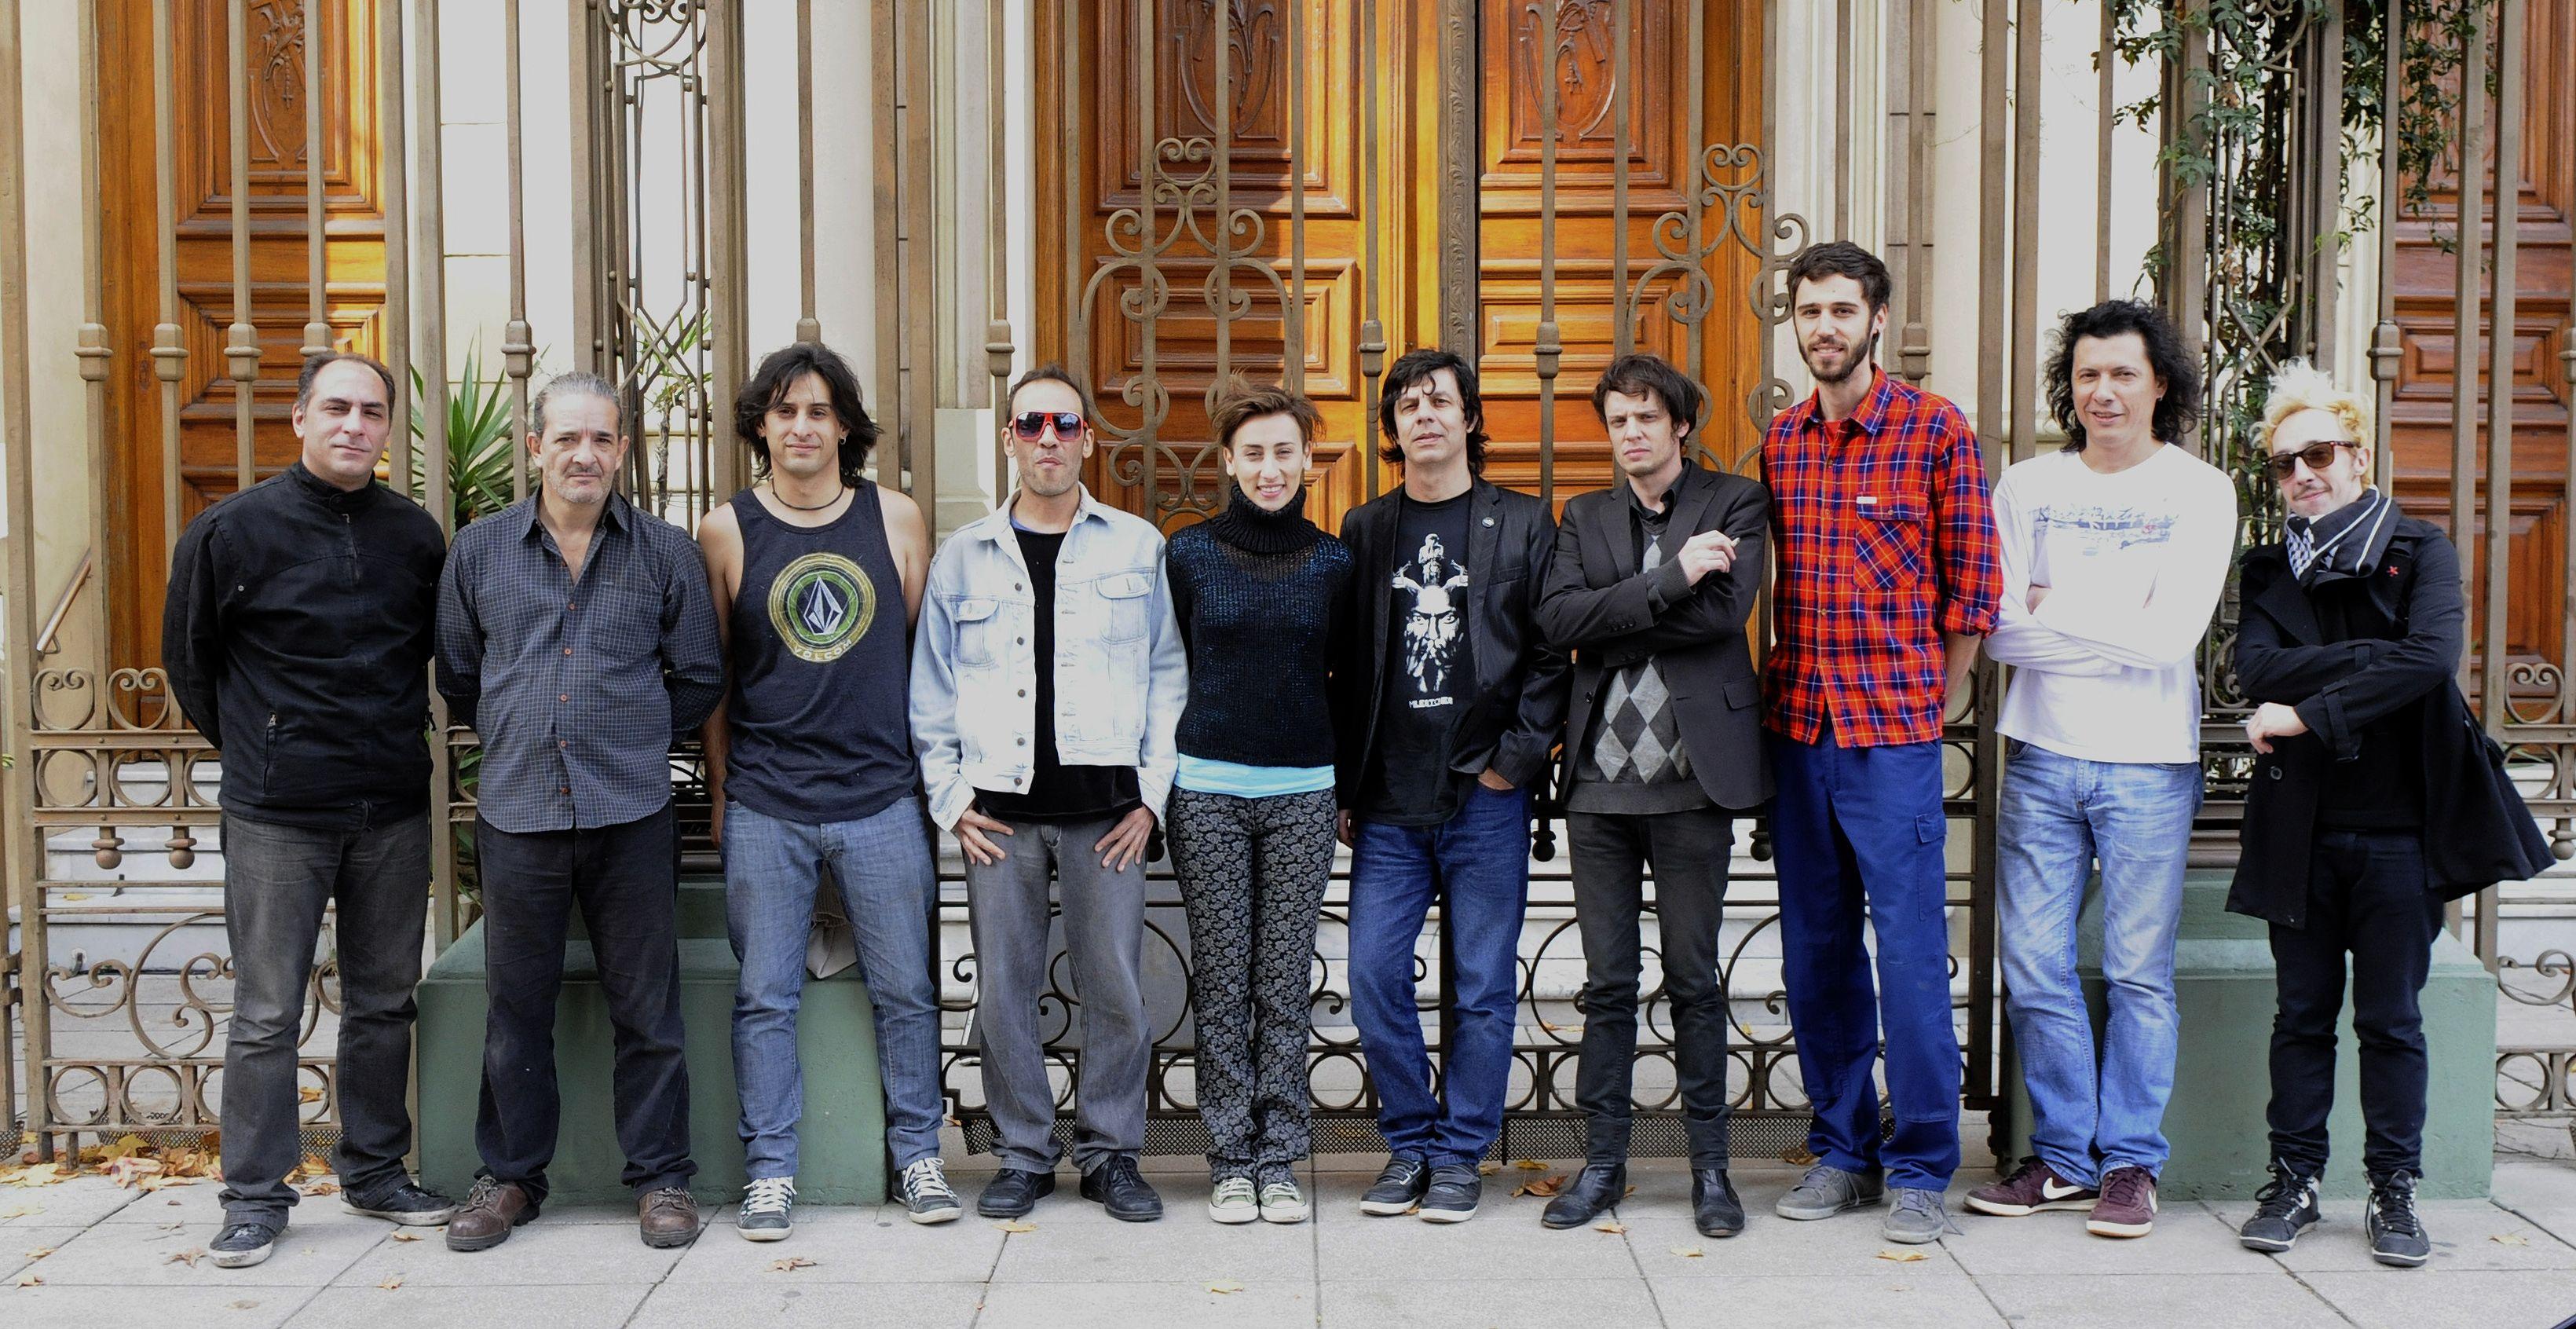 El Zorzi (quinto desde la derecha) organizó el ciclo junto a un grupo de colegas para revalorizar la historia del rock rosarino desde distintas miradas.